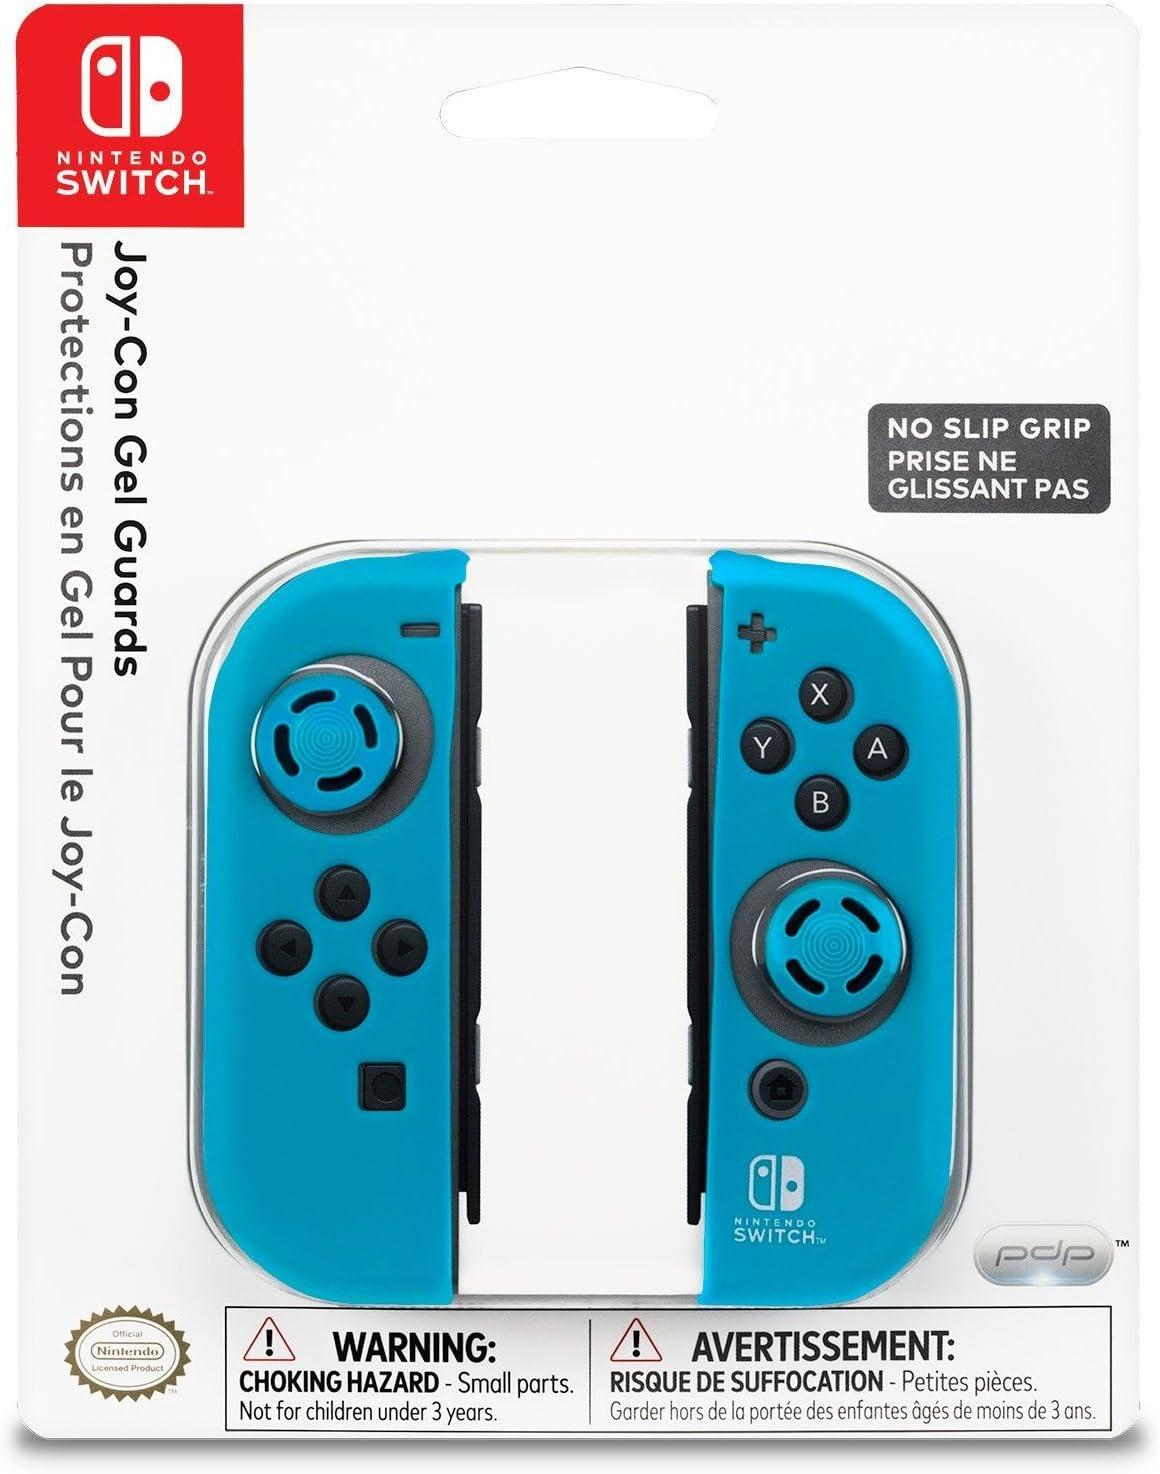 Pdp - Joycon Gel Guards Azul (Nintendo Switch): Amazon.es: Videojuegos